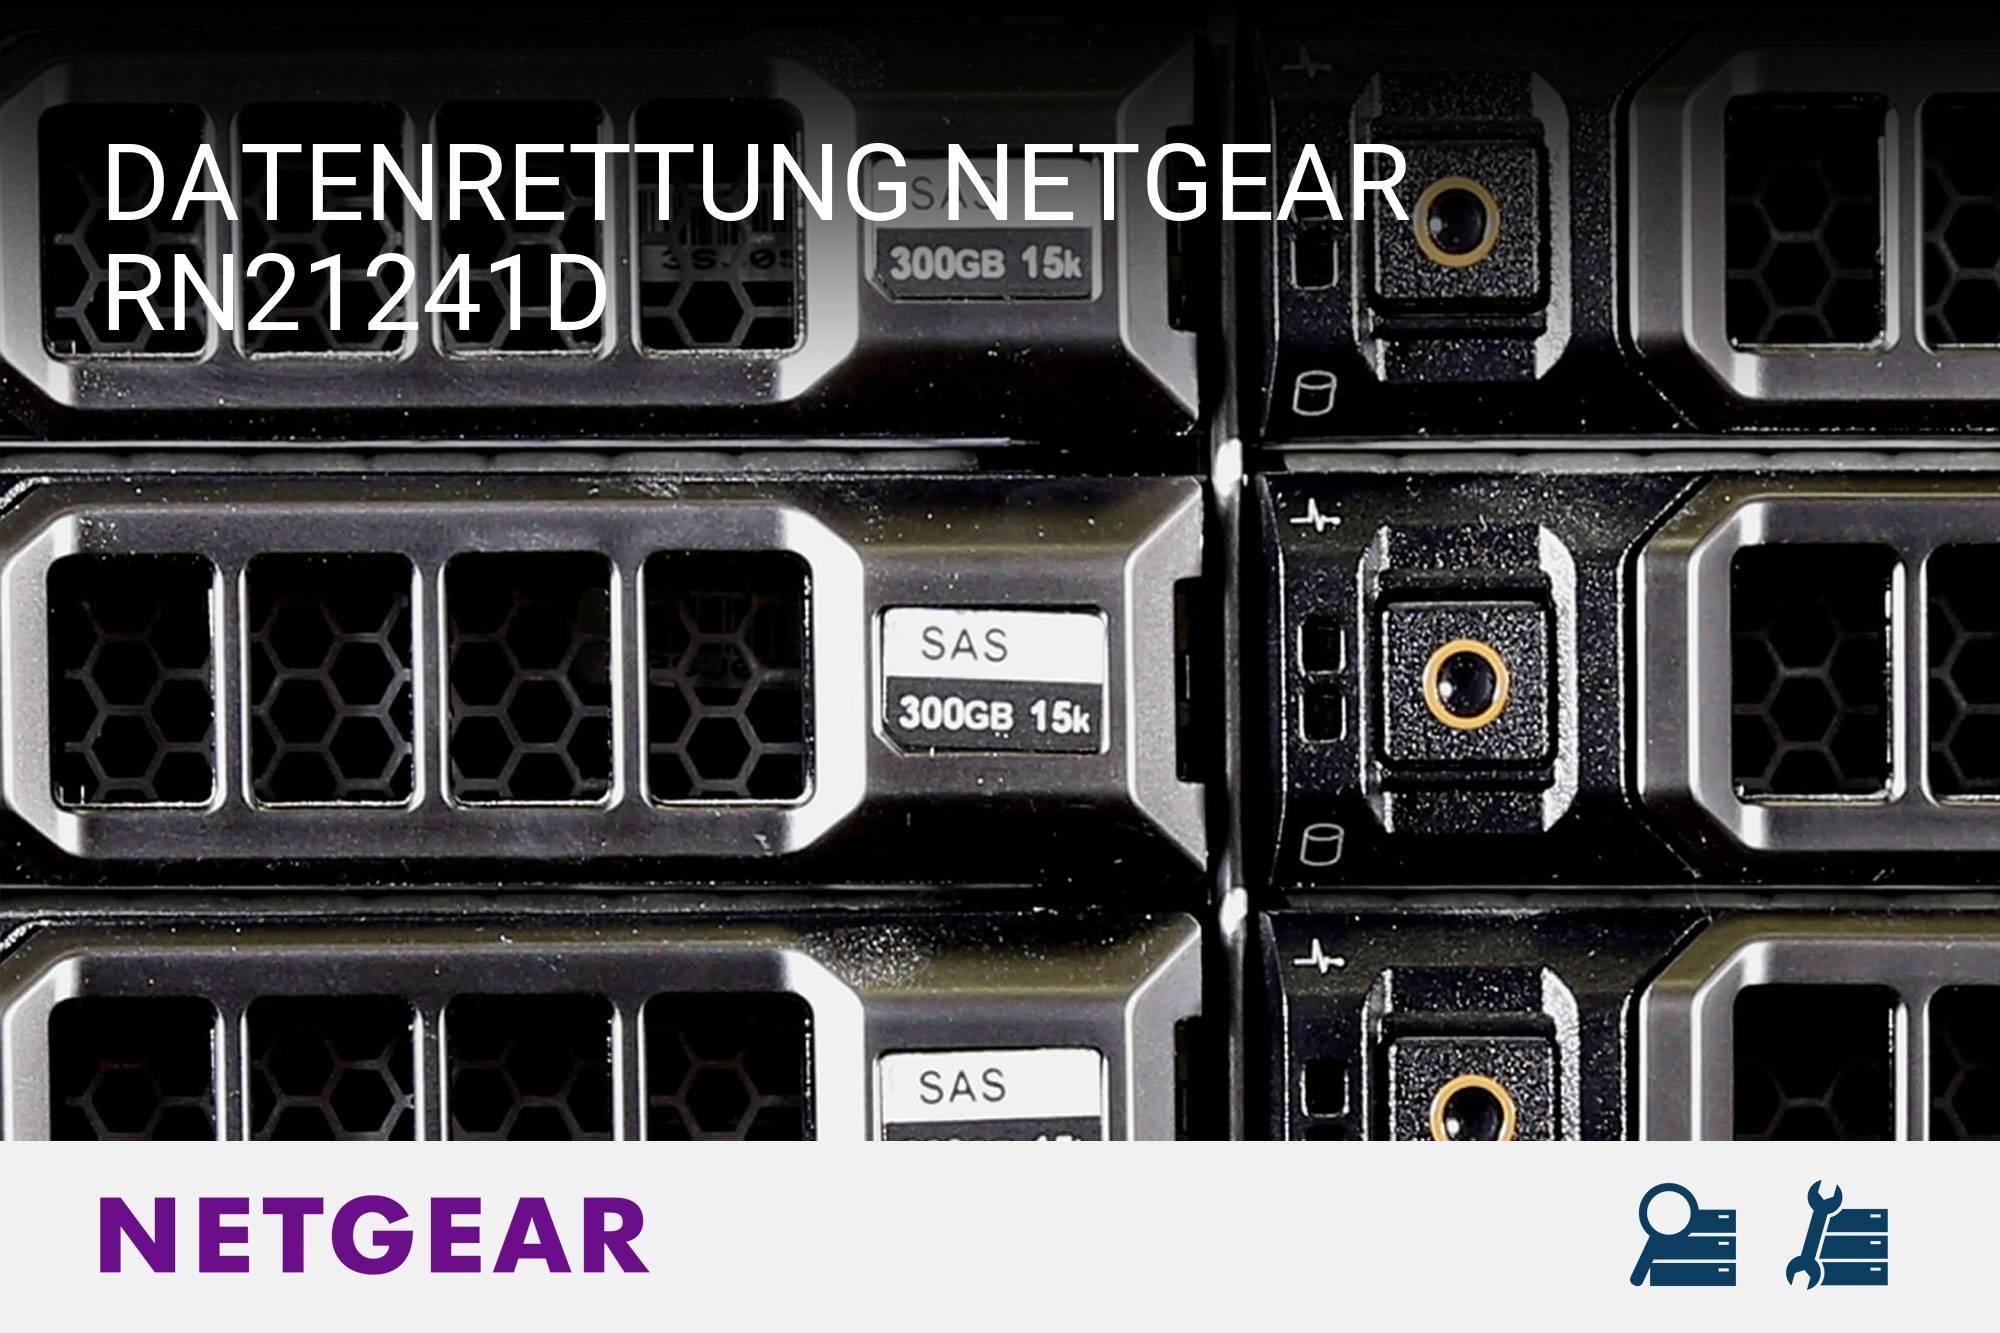 Netgear RN21241D